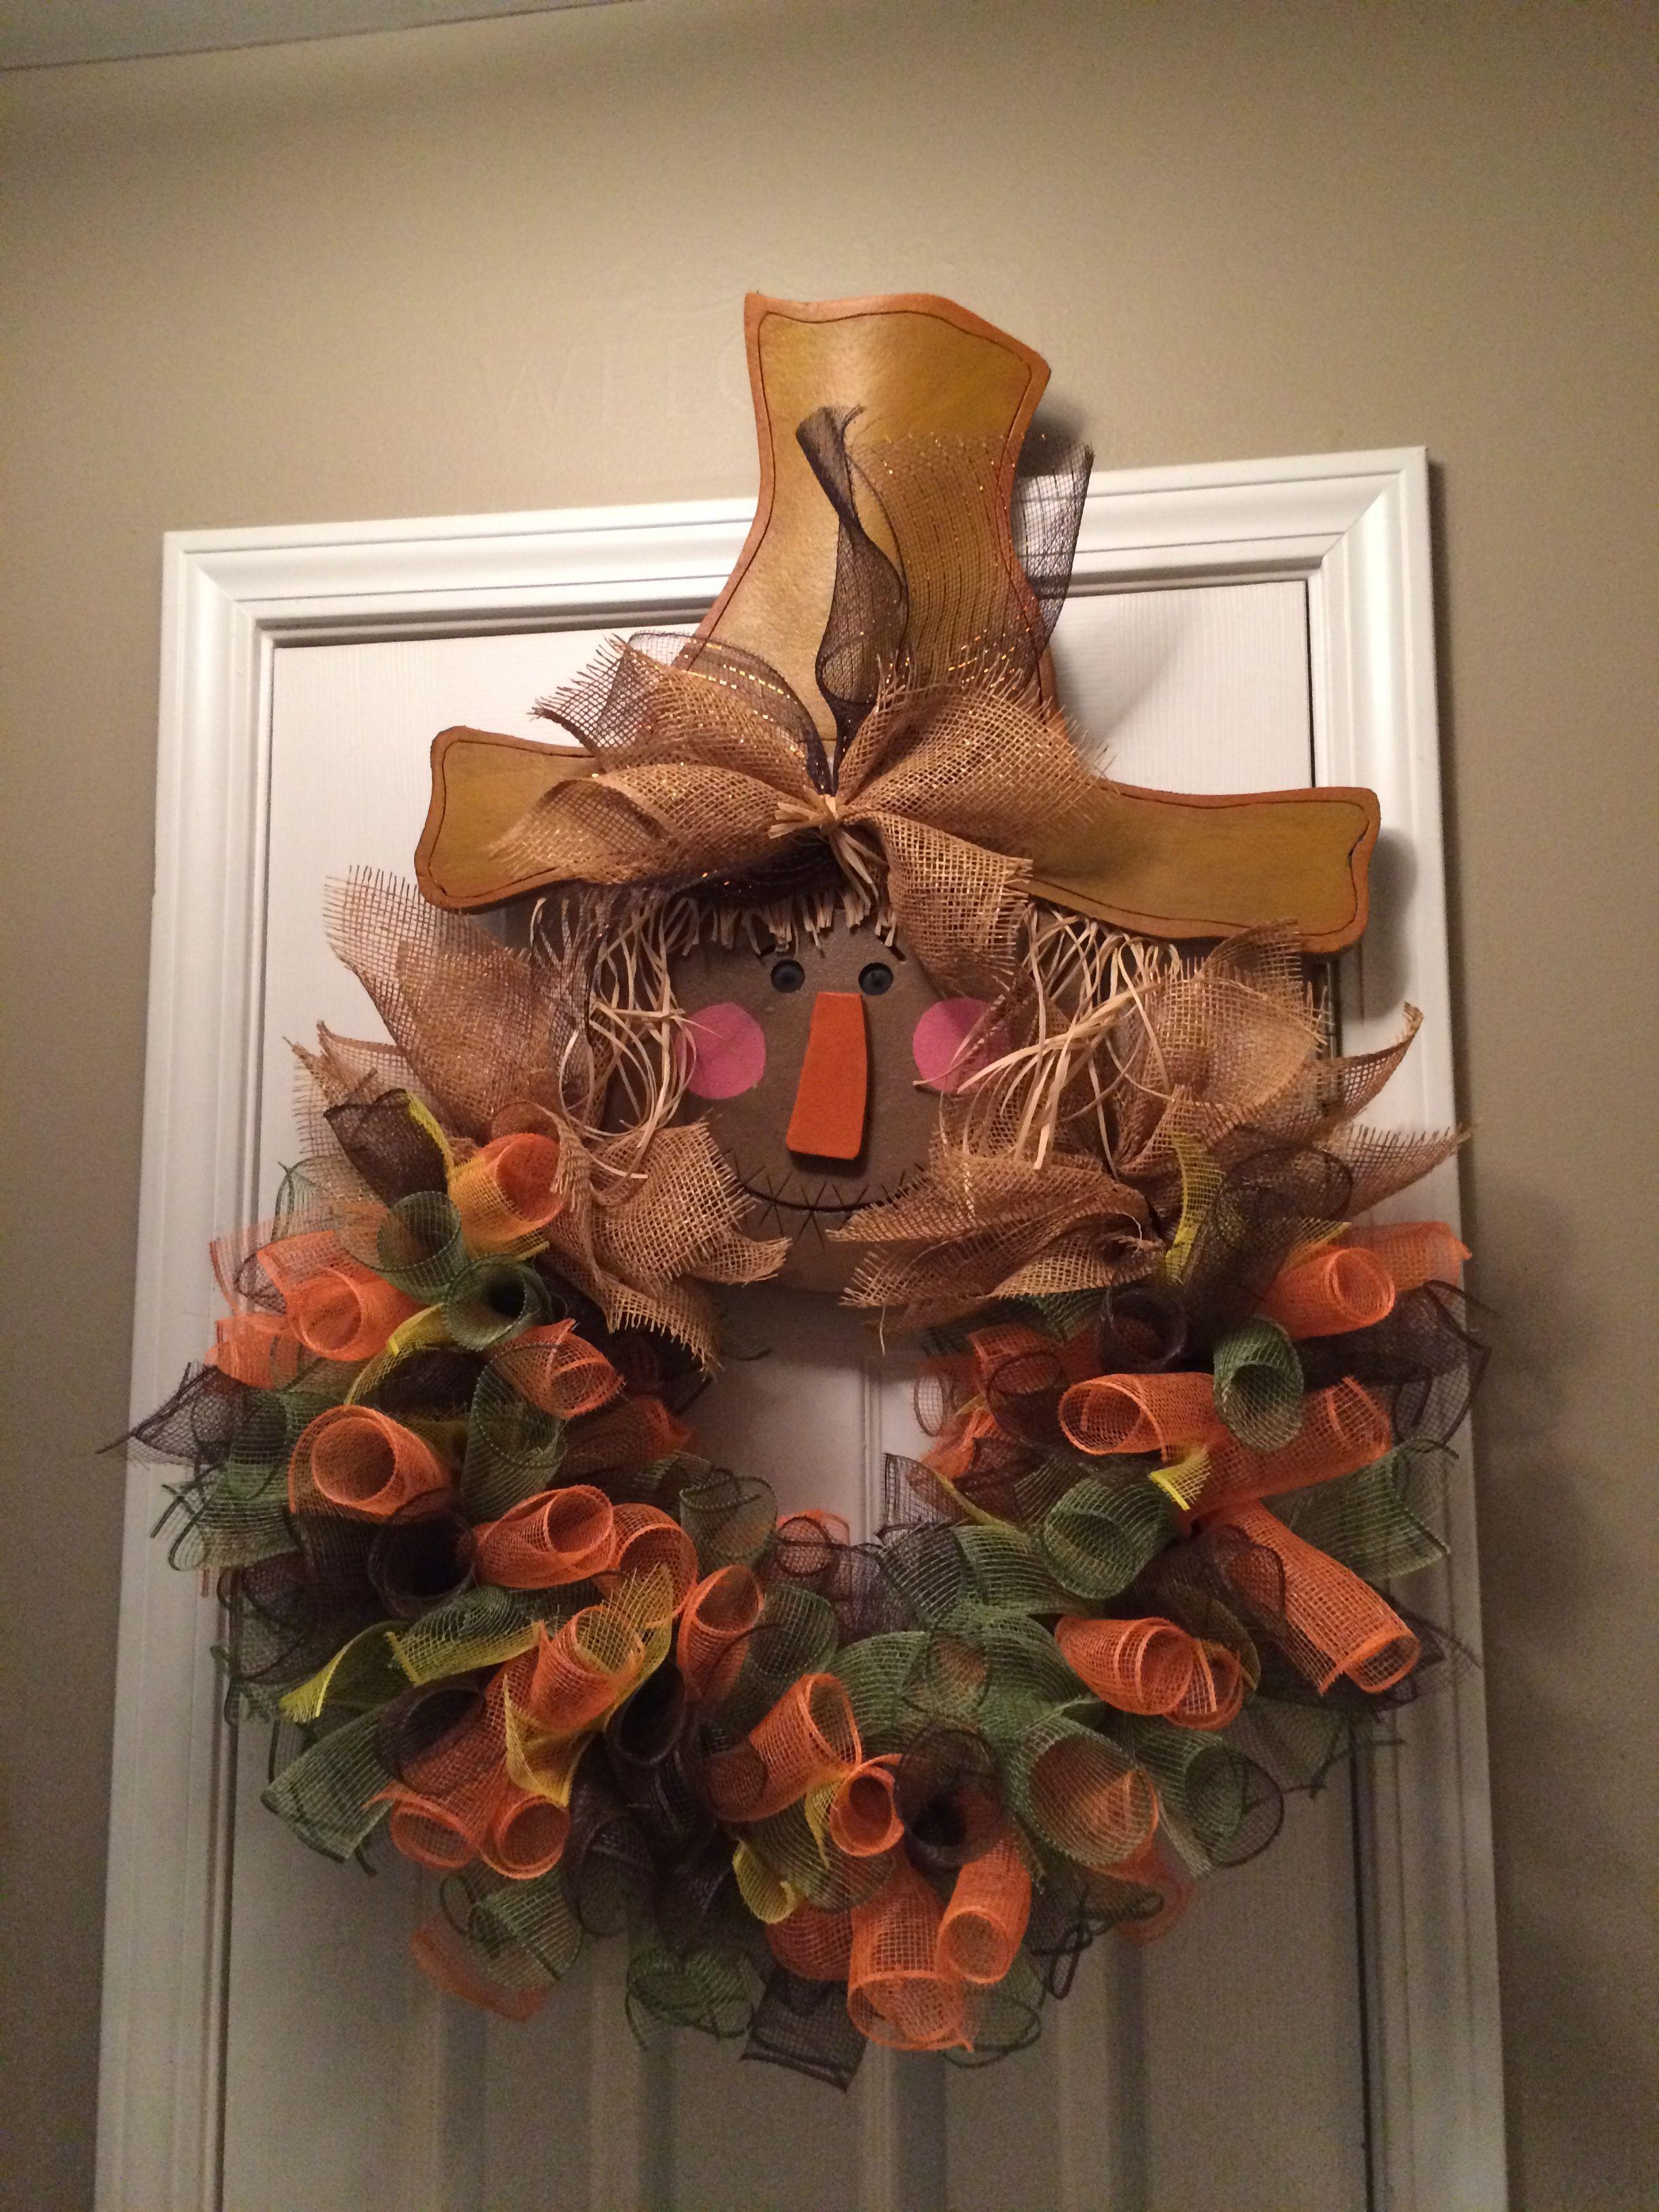 Deco mesh scarecrow door hanger with images diy wreath